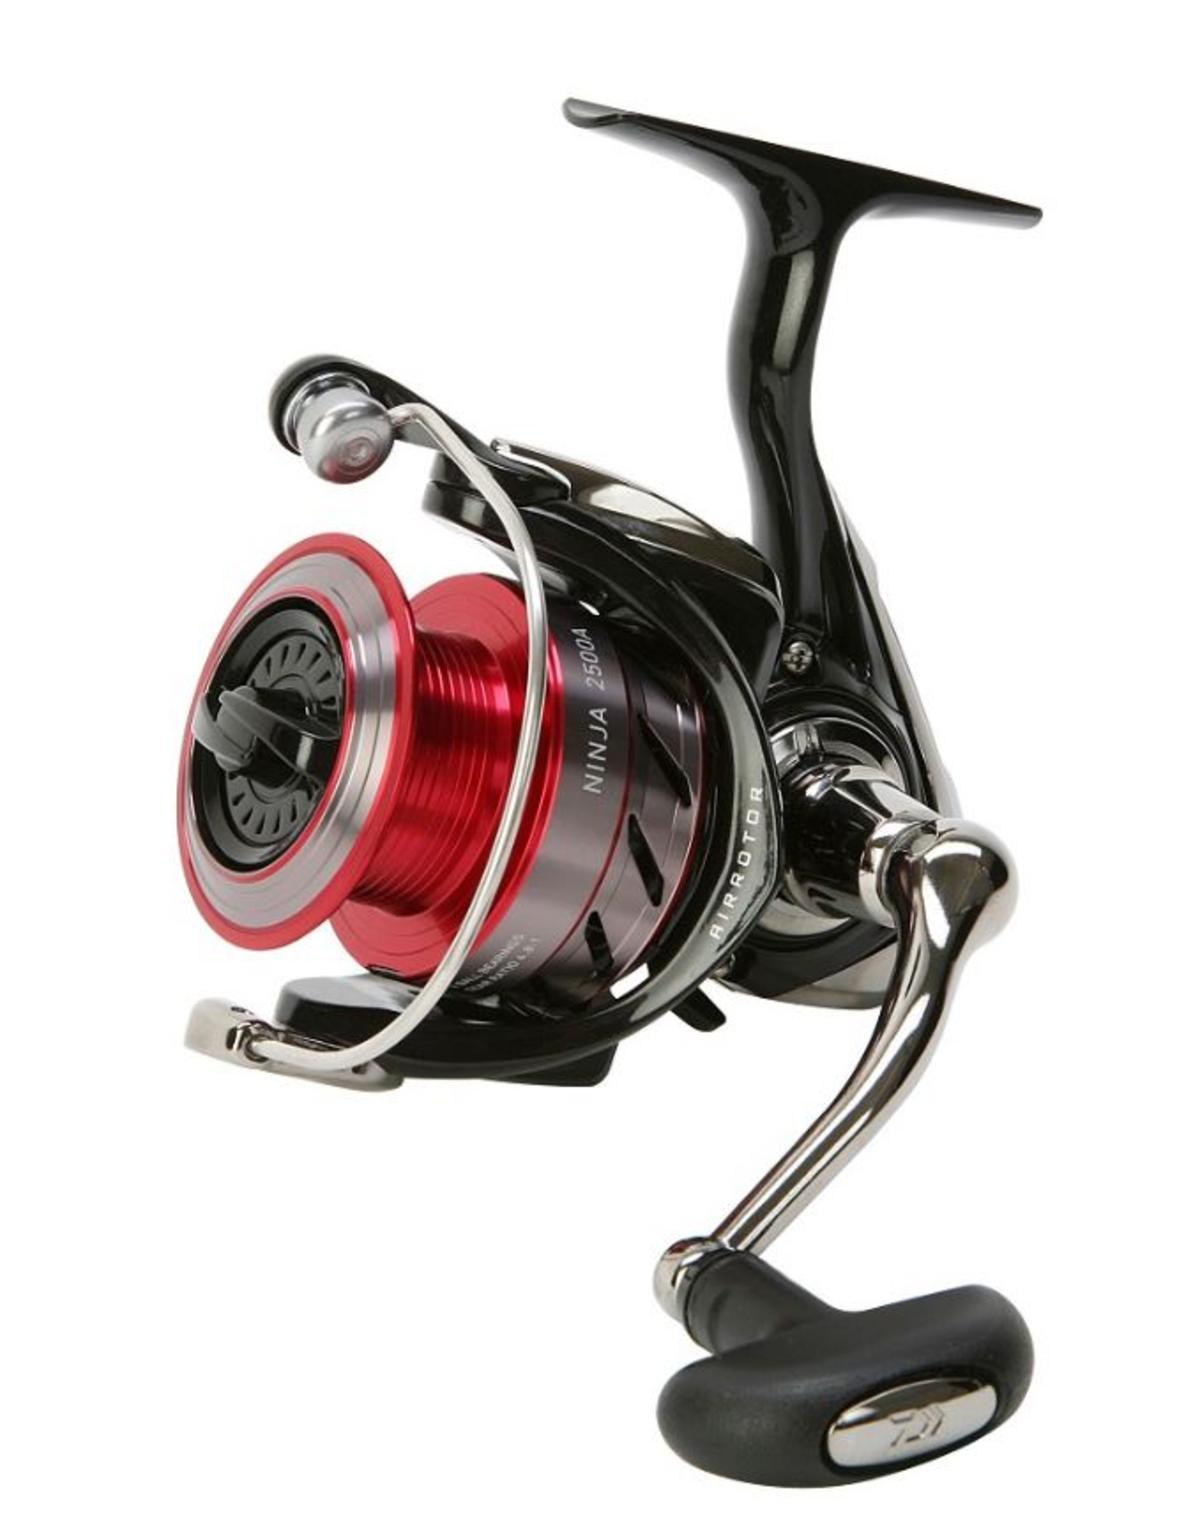 Ex Display Daiwa Ninja match & feeder 3012A Spinning Fishing Reel